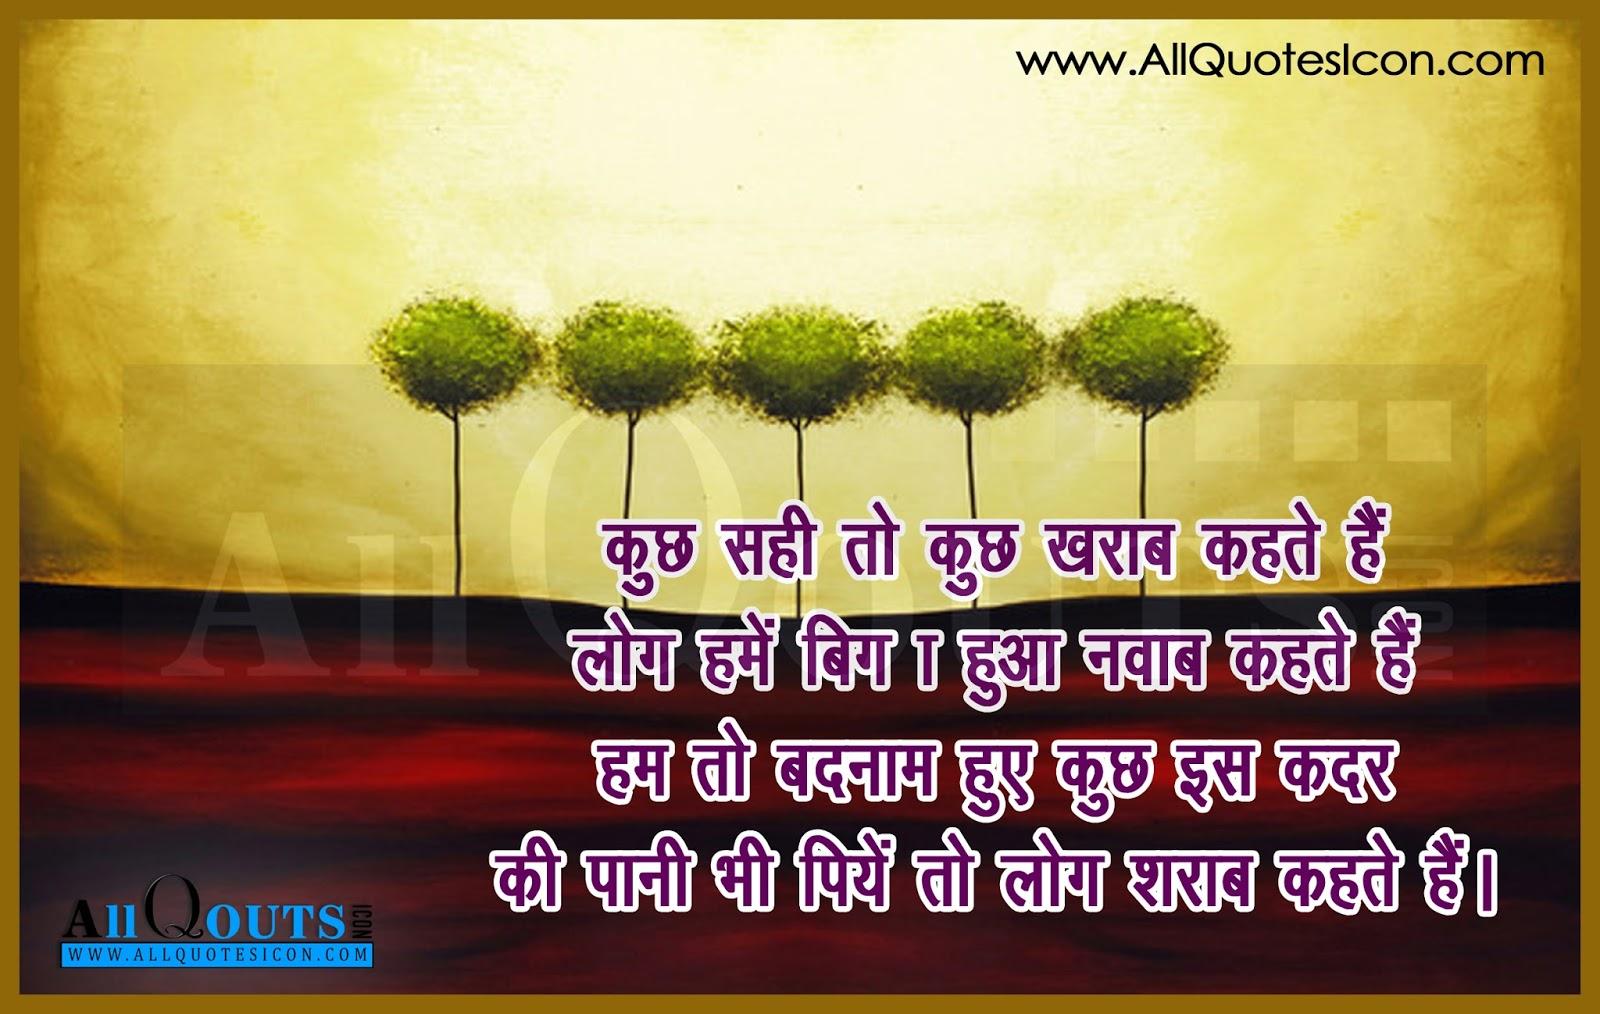 Quotes About Life In Hindi Shayari Labzada Wallpaper